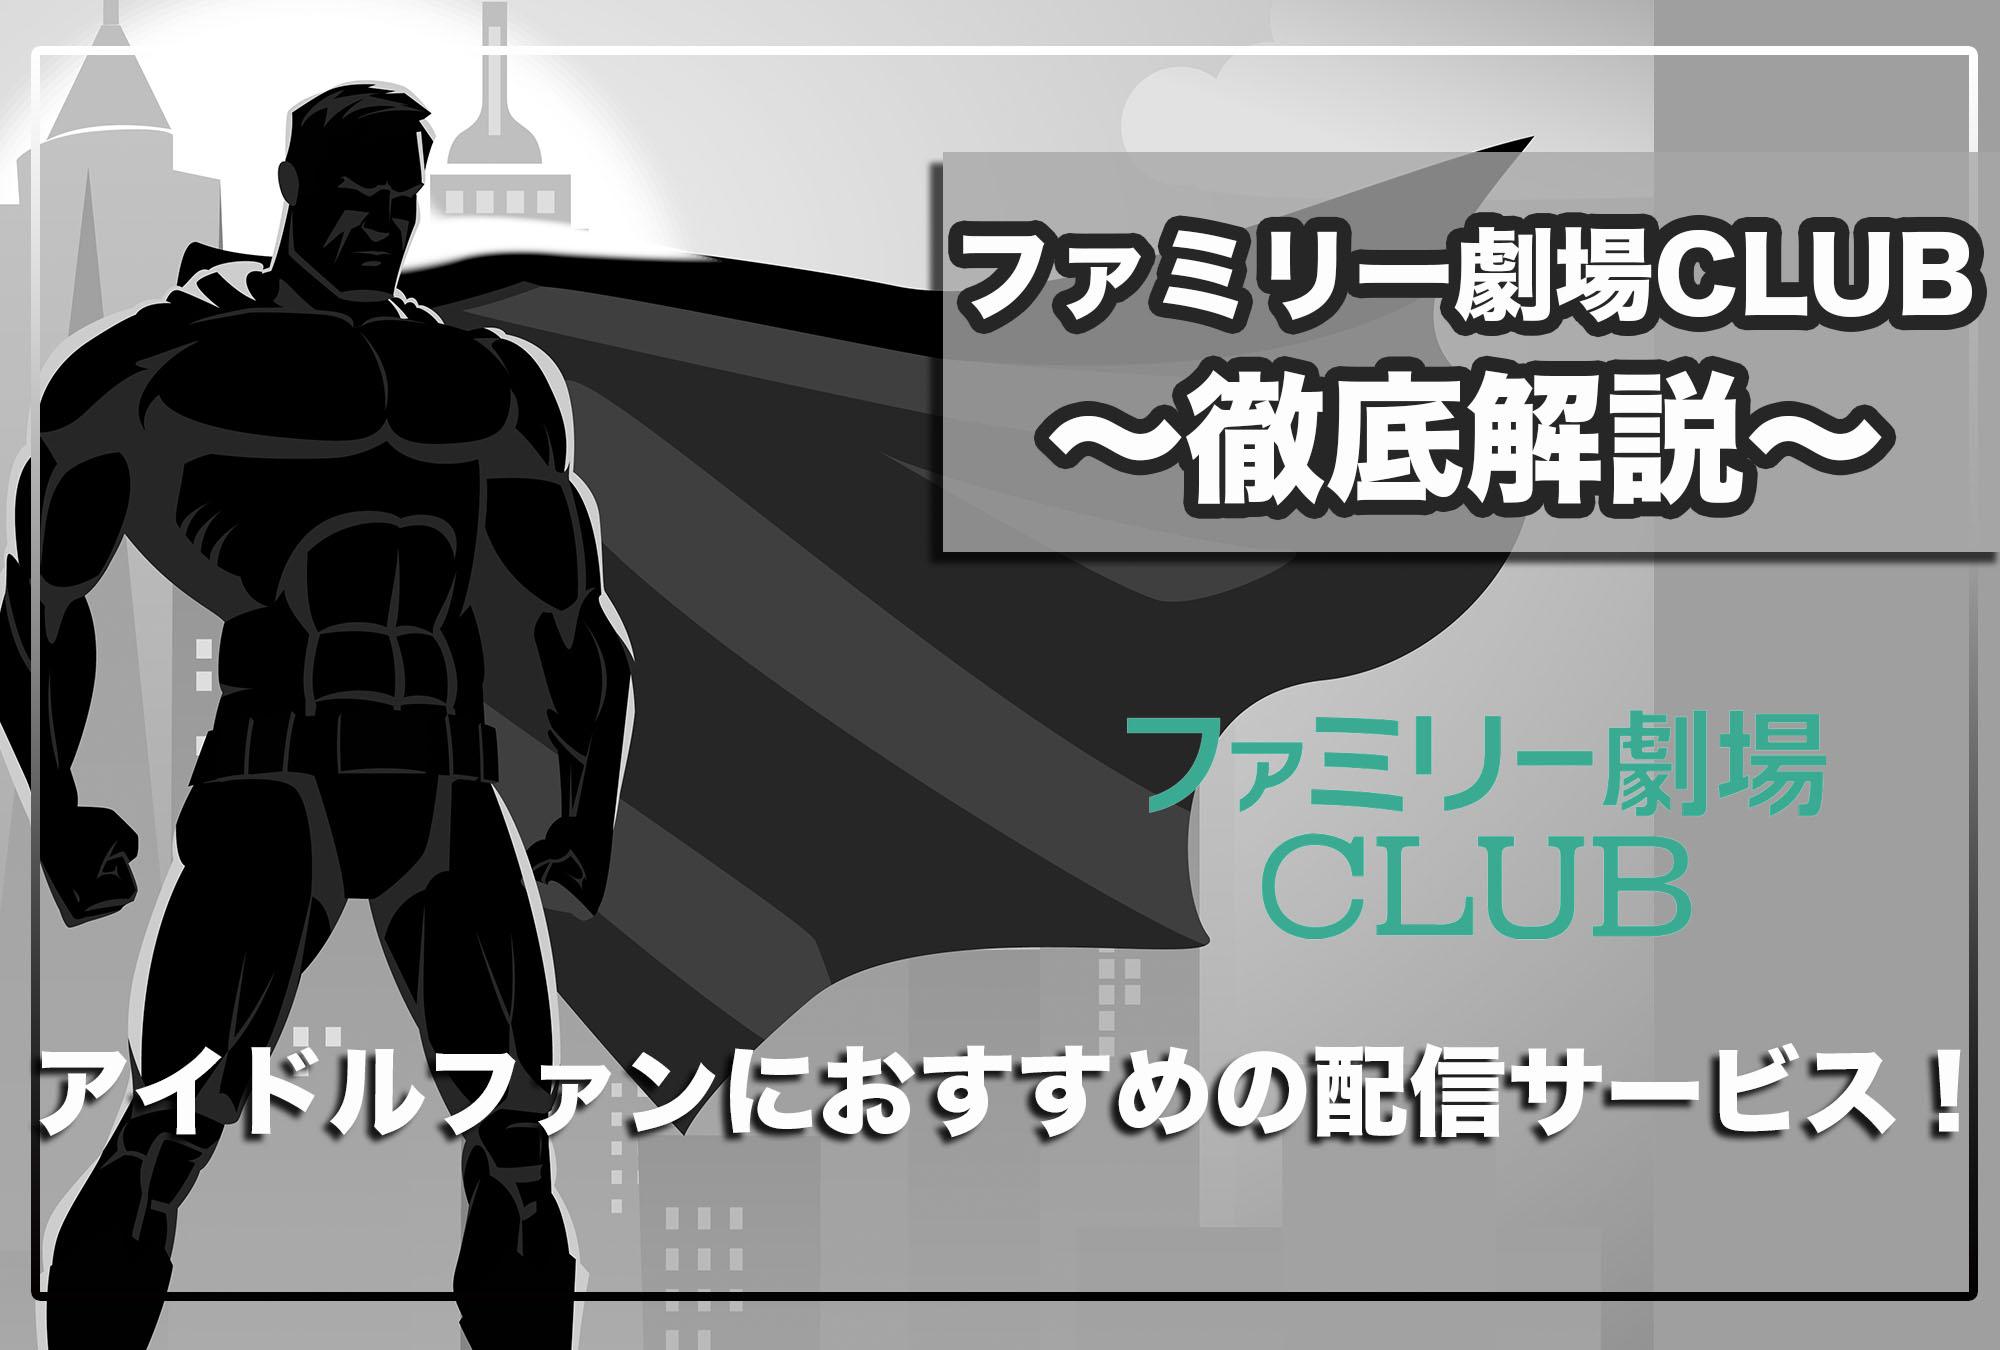 ファミリー劇場CLUB